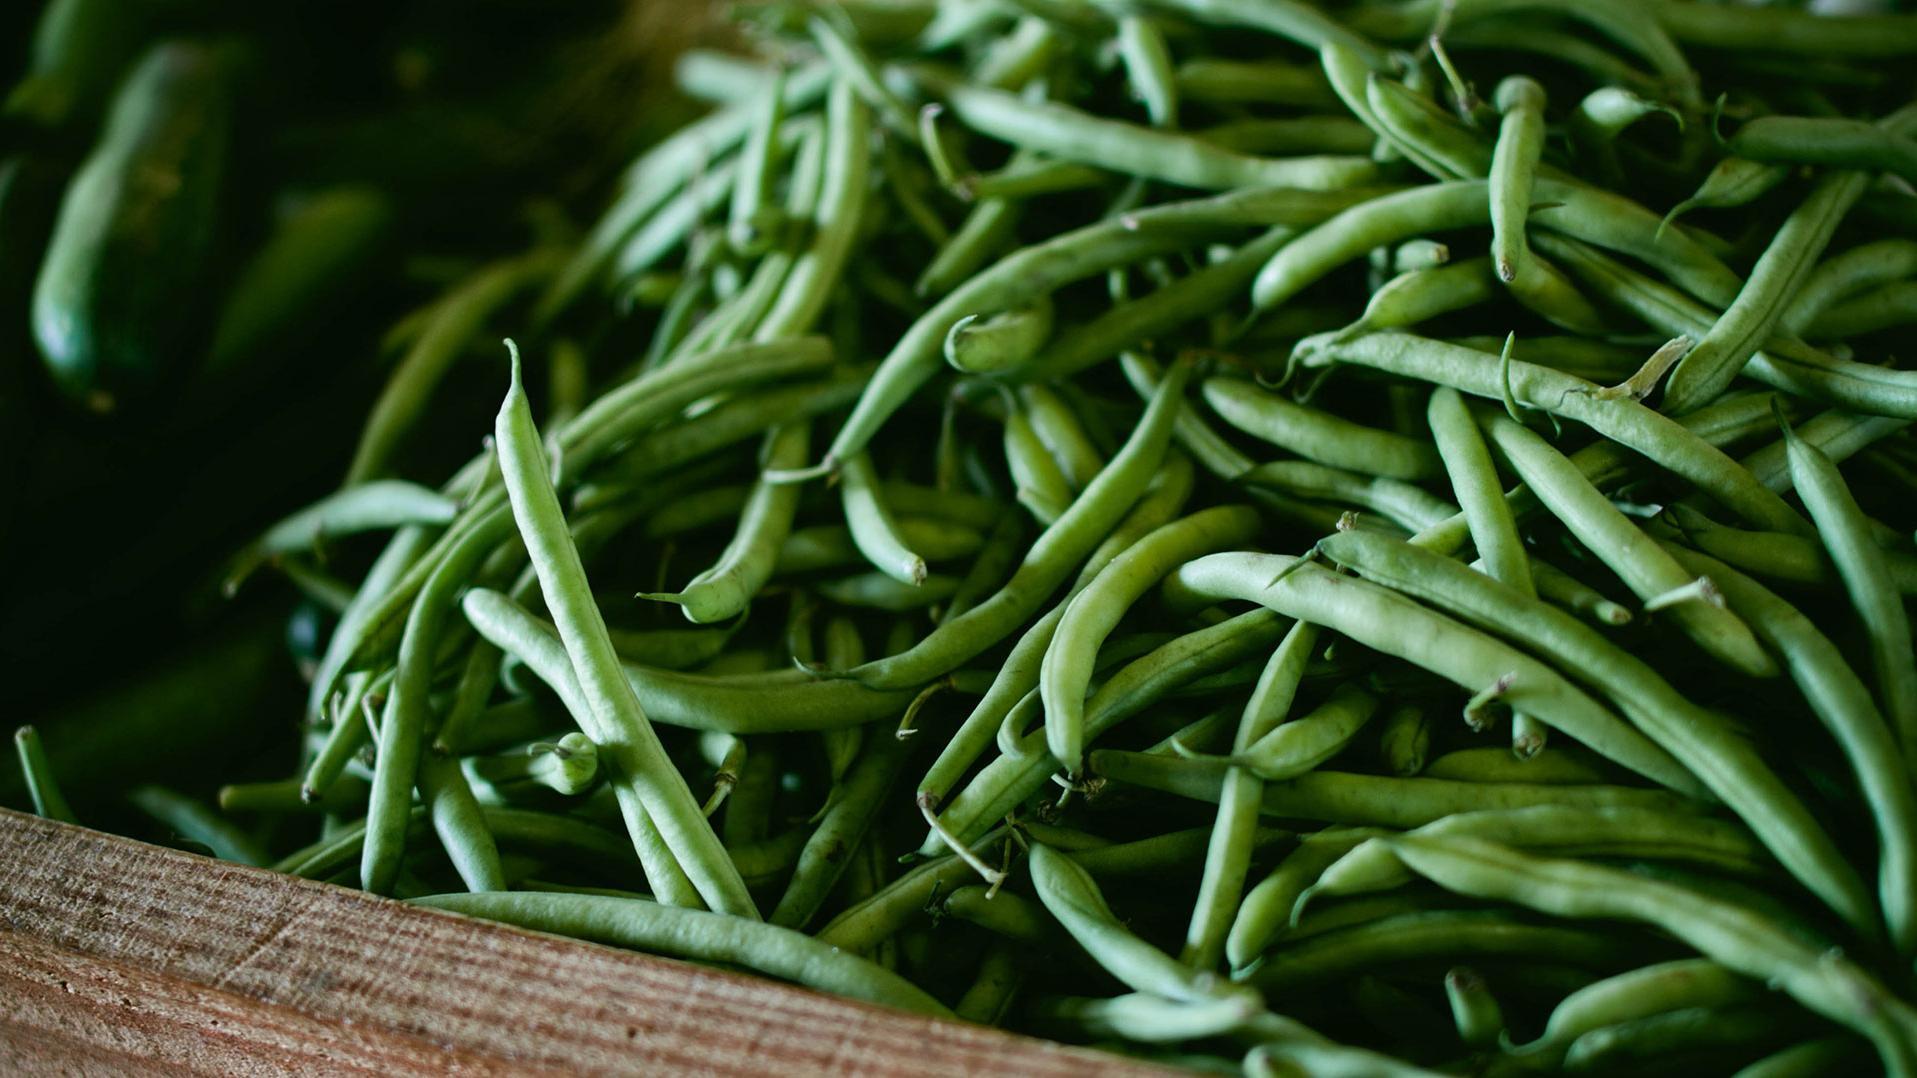 Raw Food Dieses Gemüse Solltest Du Nicht Roh Essen Amicellade